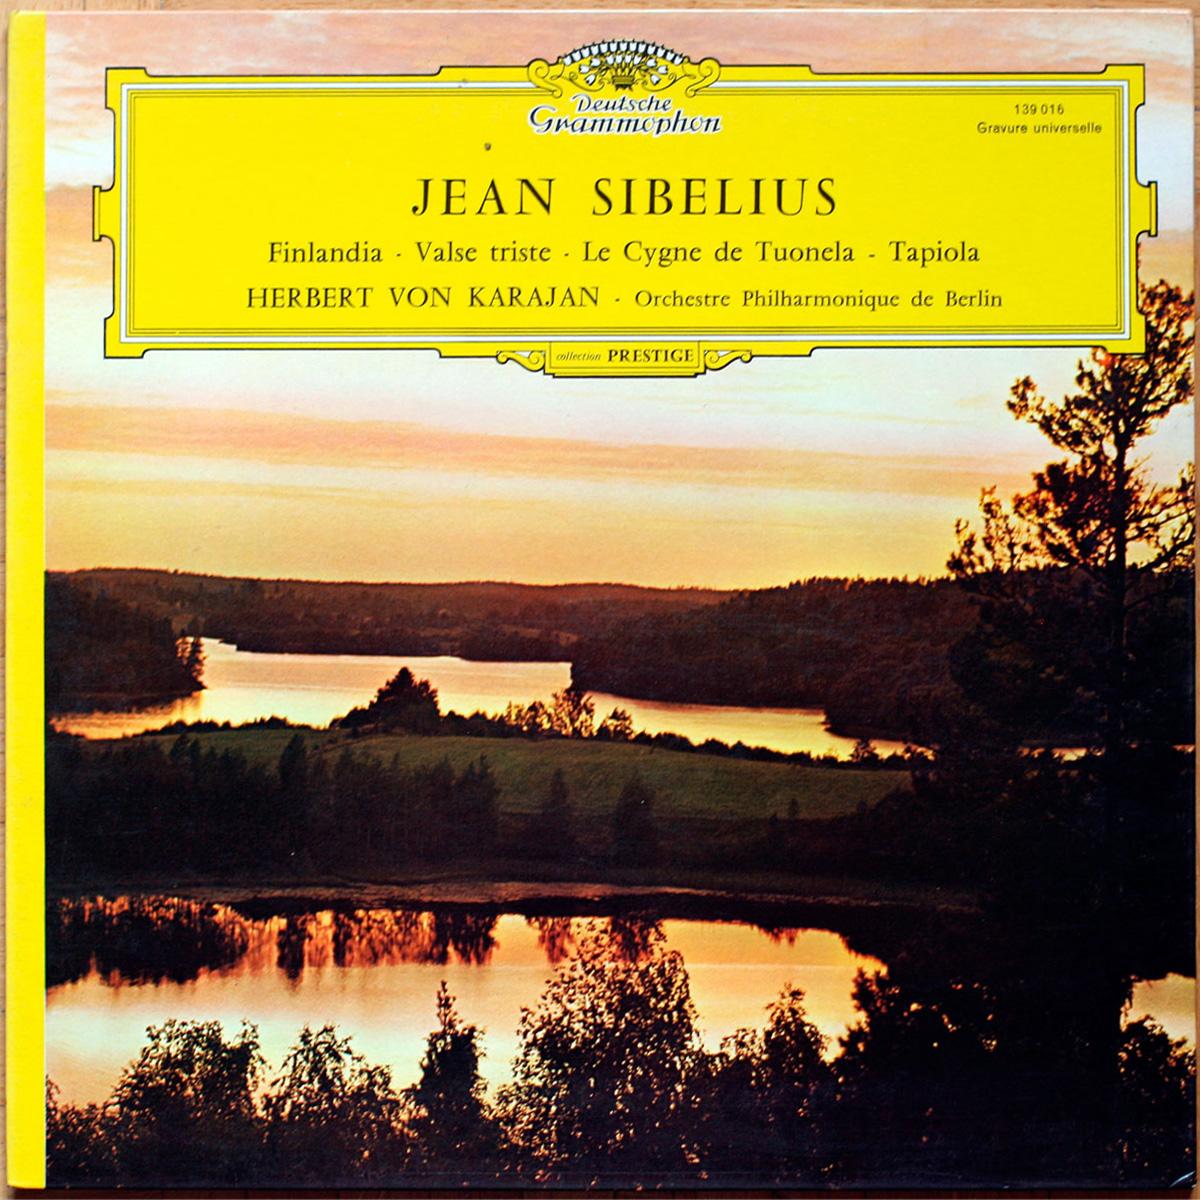 Sibelius • Finlandia • Valse Triste • La Valse • Le cygne de Tuonela • Tapiola • DGG 139 016 • Berliner Philharmoniker • Herbert von Karajan